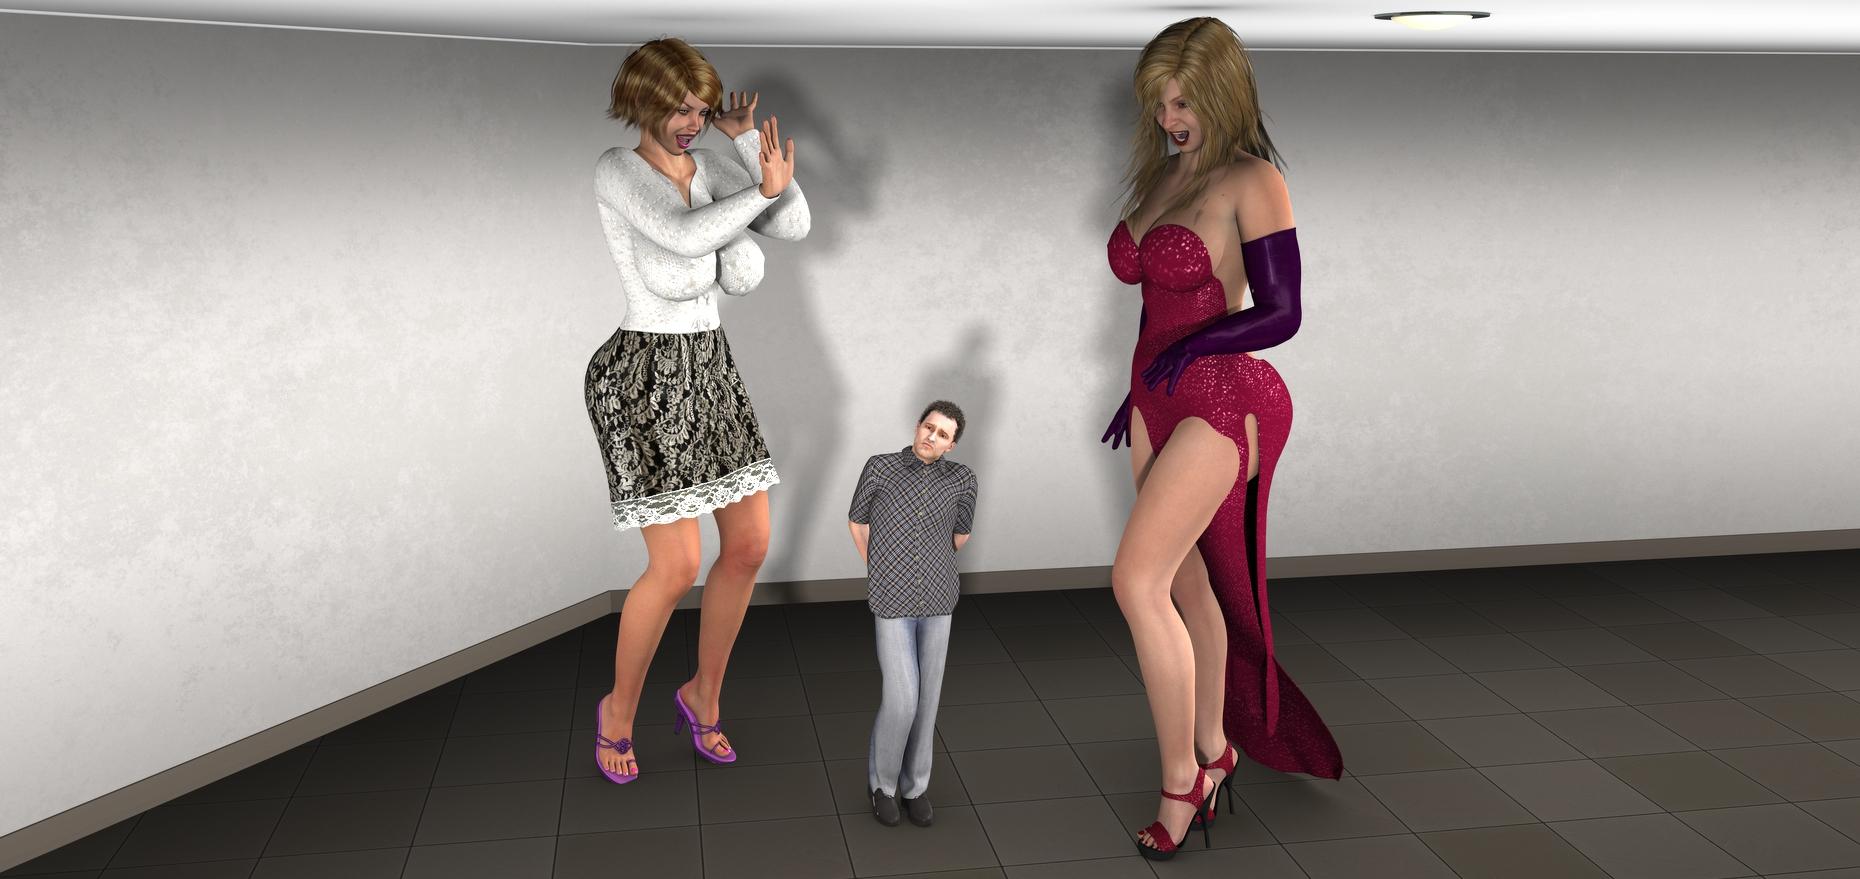 Русские госпожи куколд, Куколд муж лижет сперму - смотреть русское видео 7 фотография